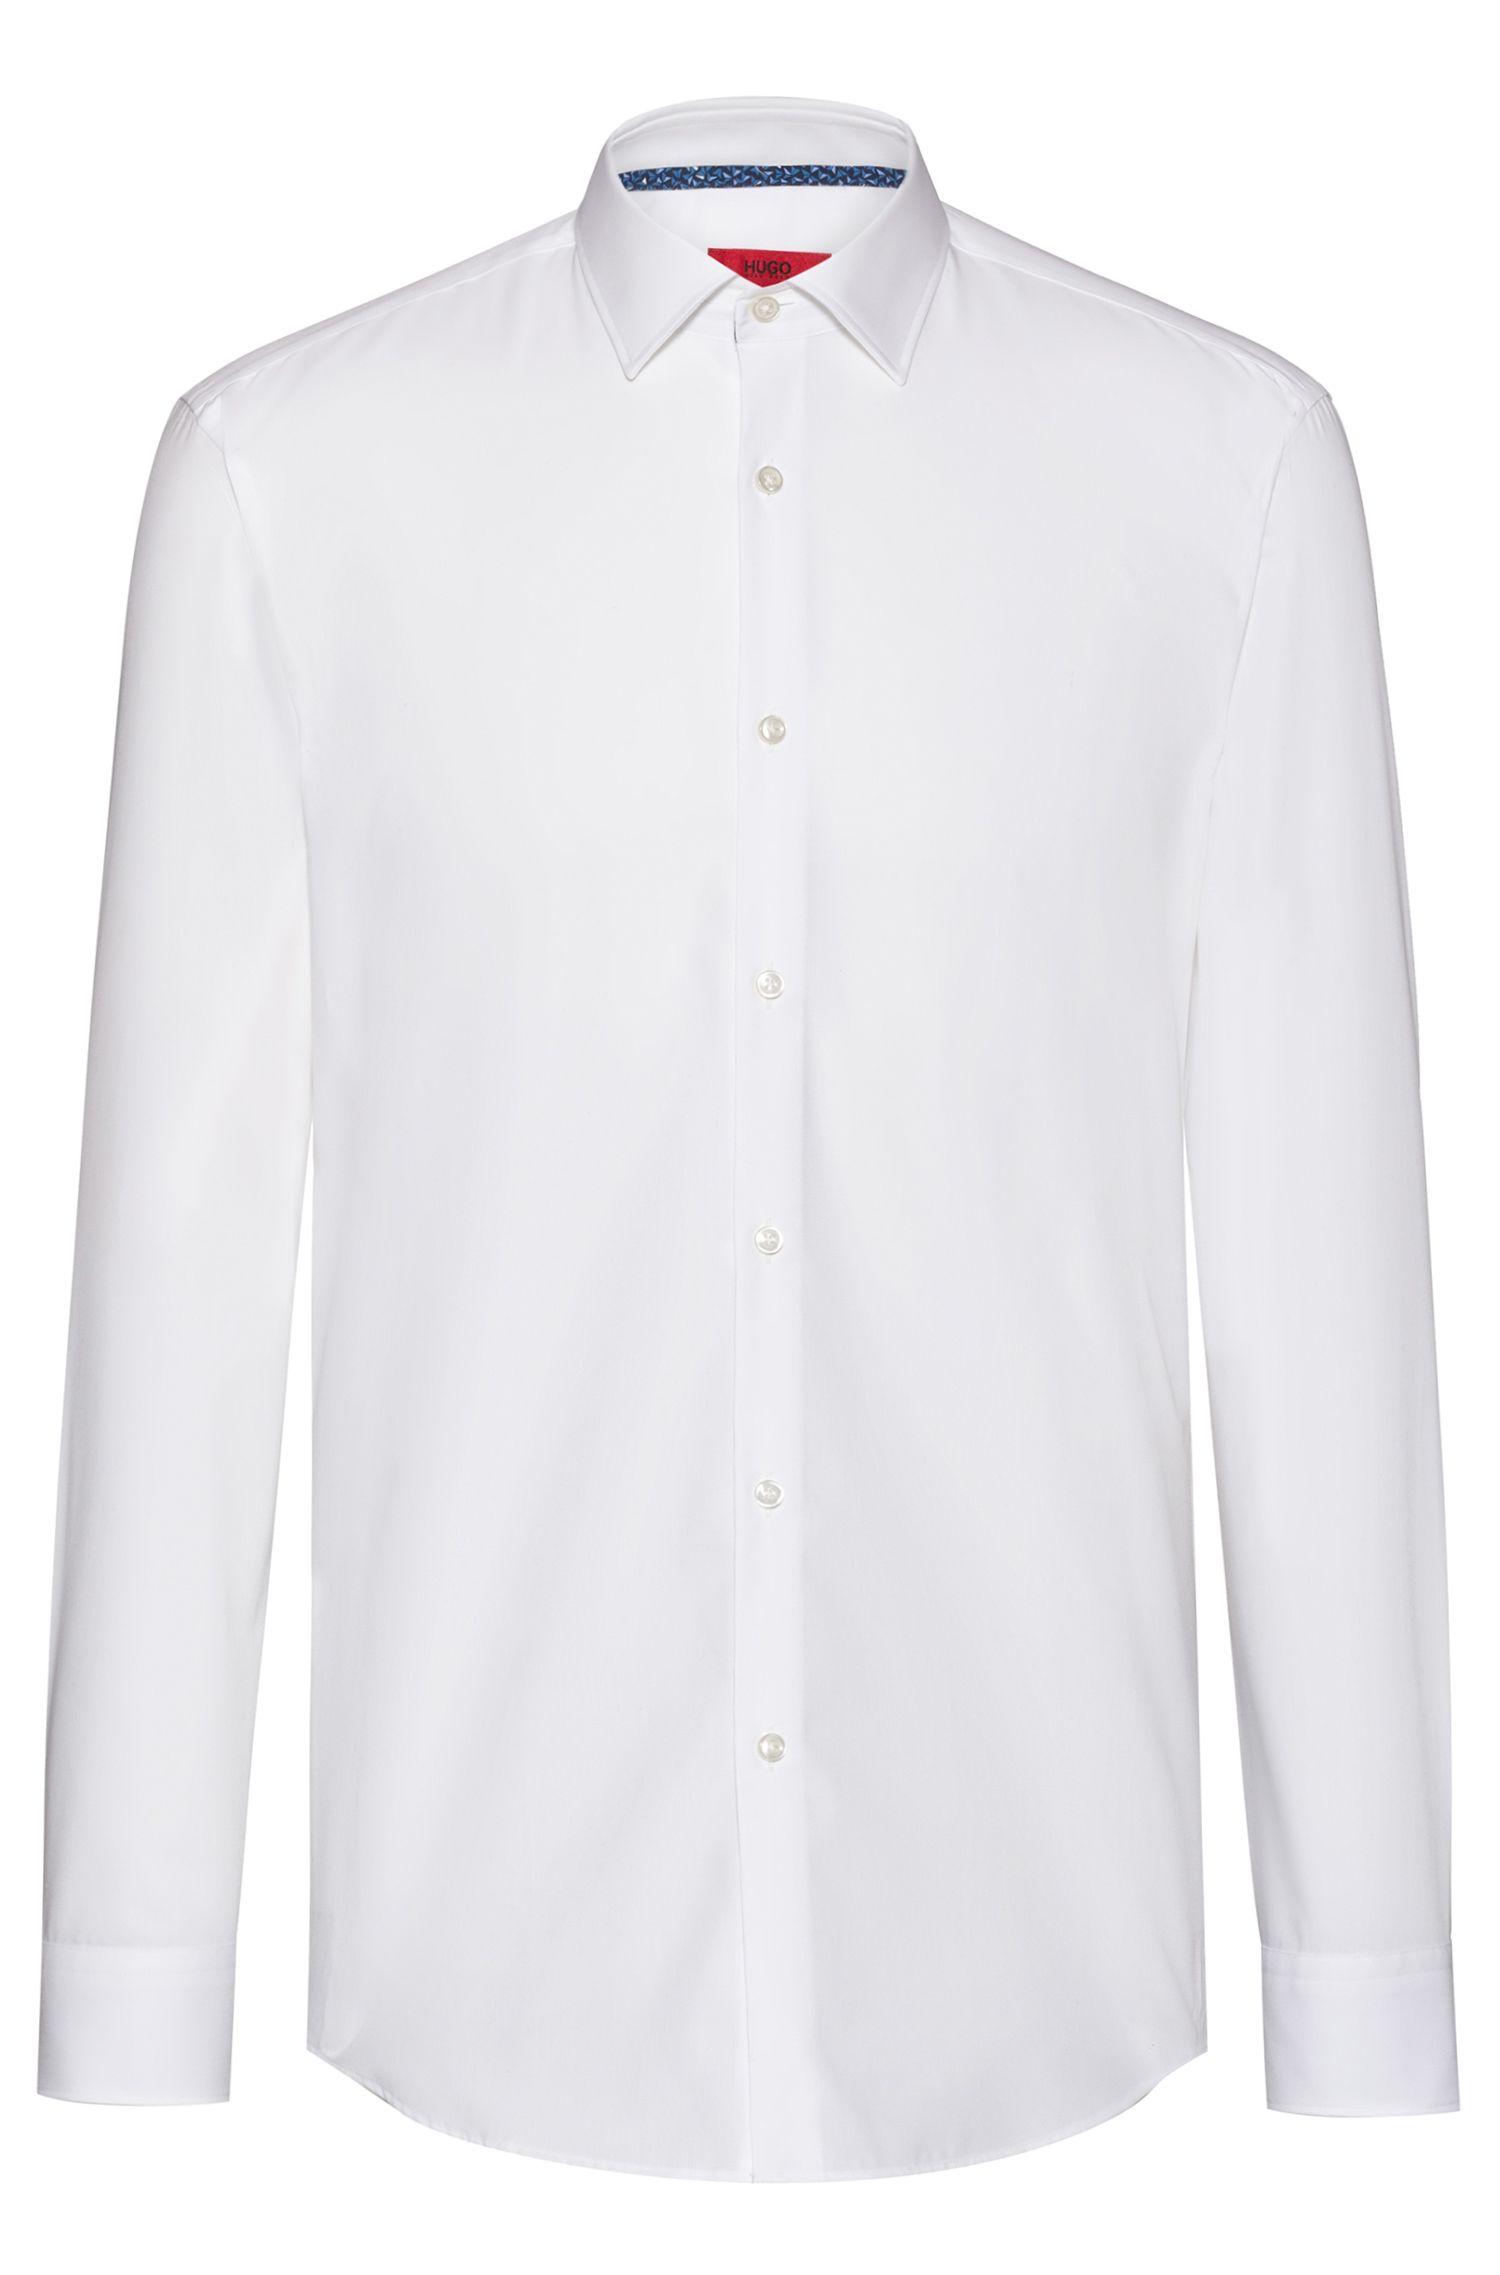 Chemise Slim Fit en coton avec finitions intérieures à motif, Blanc